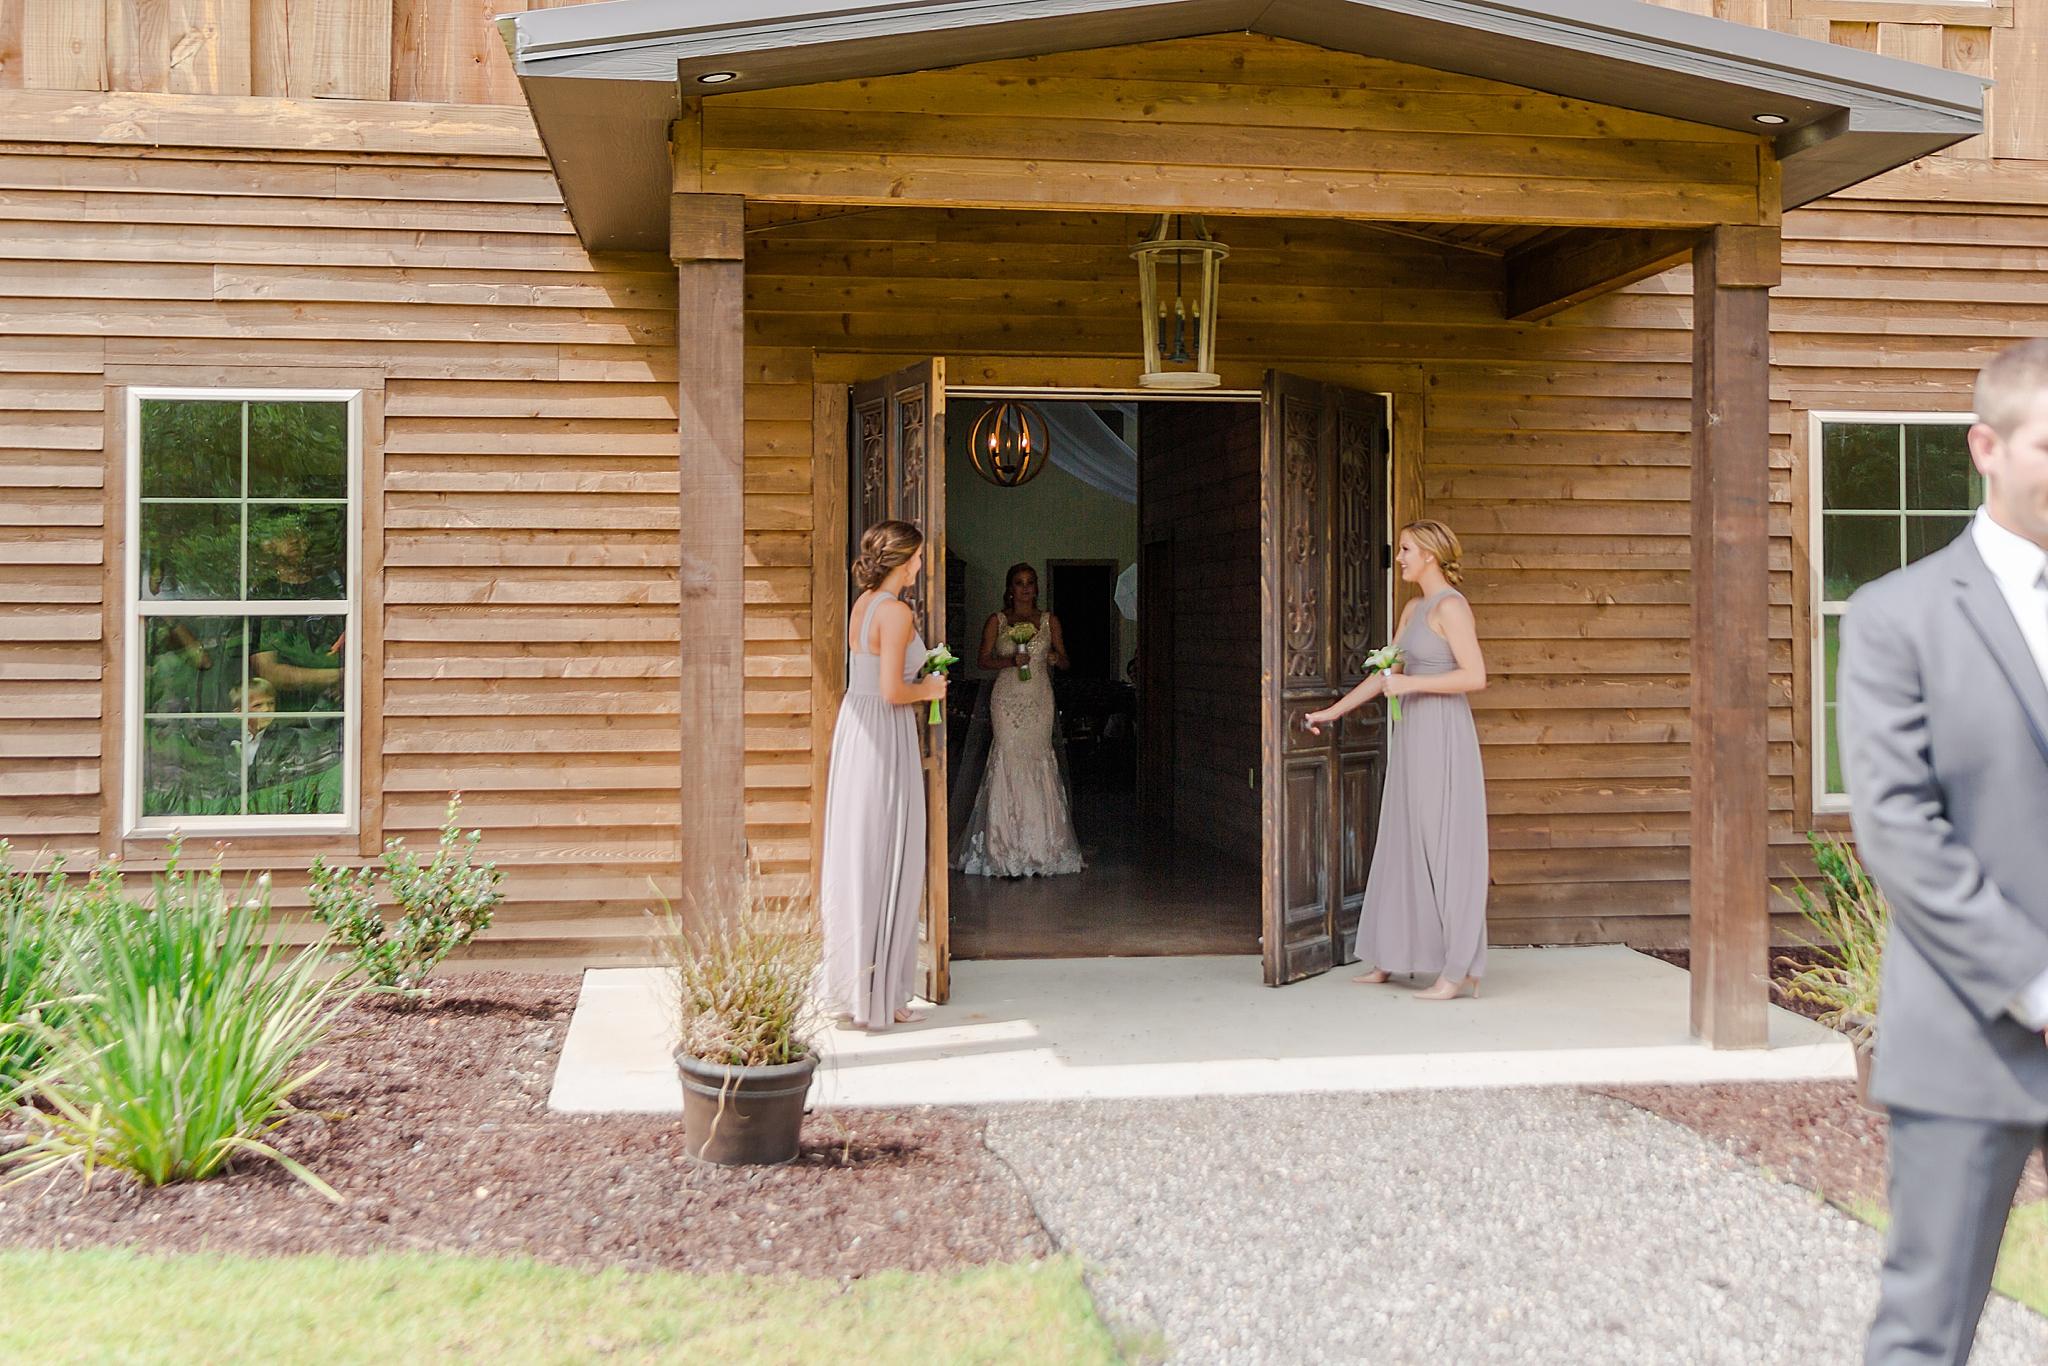 bridesmaids open door for bride's first look